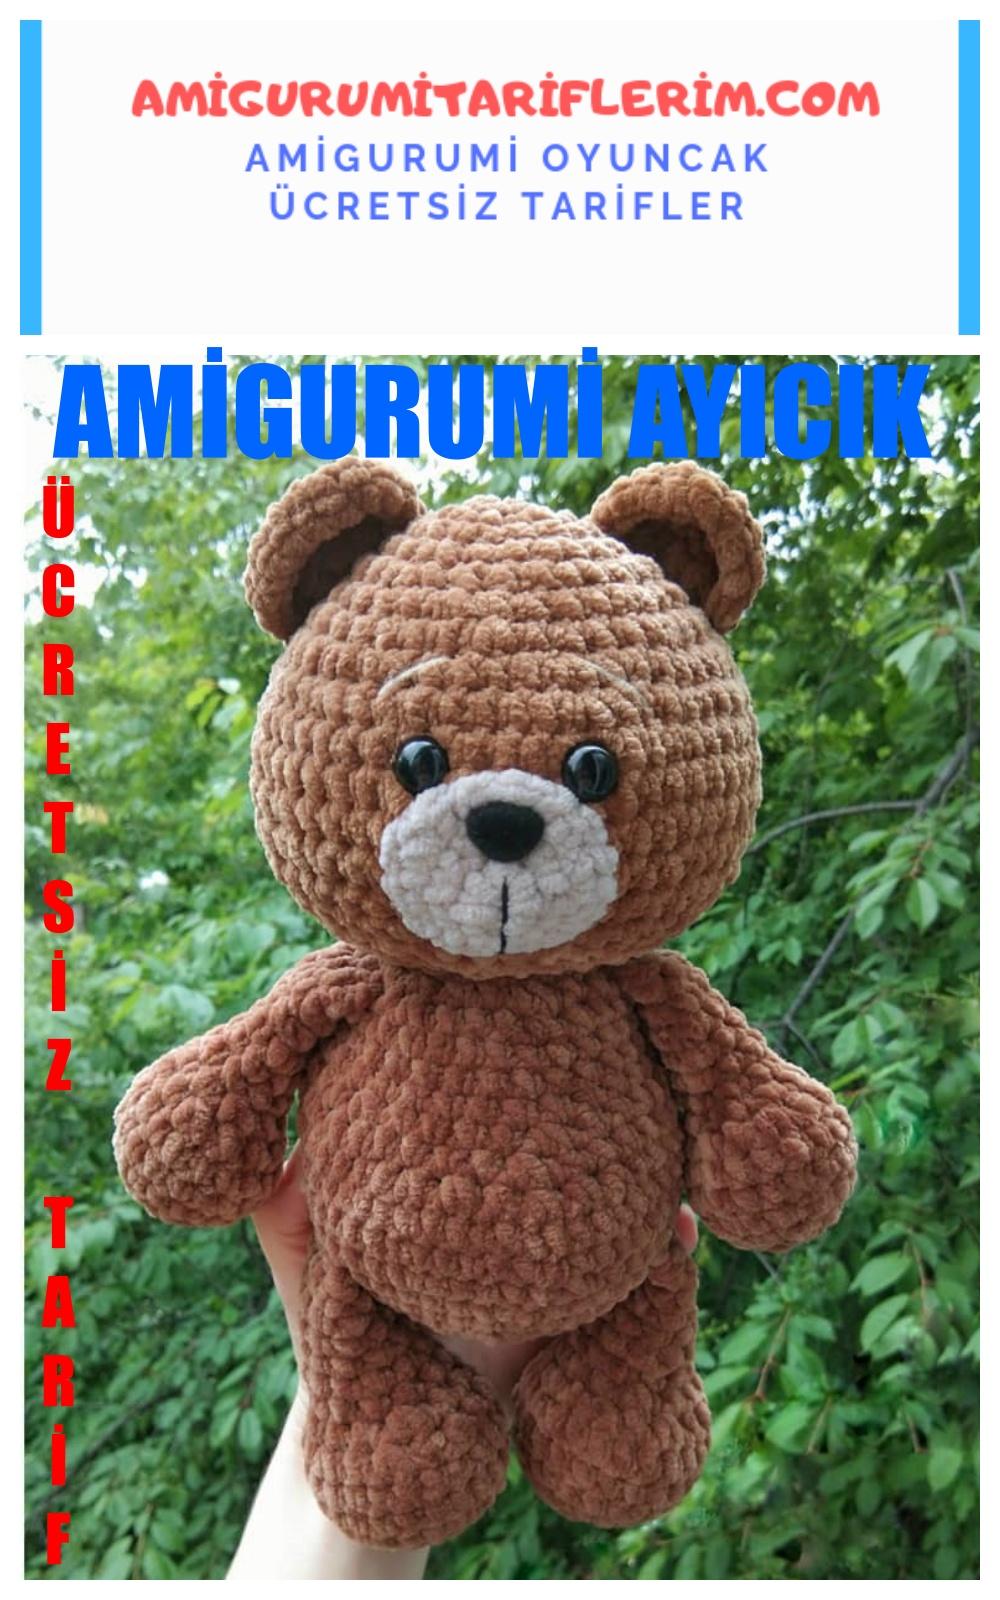 Amigurumi Bahçivan Tavşan Yapımı - Amigurumi Tariflerim Amigurumi ... | 1600x1000